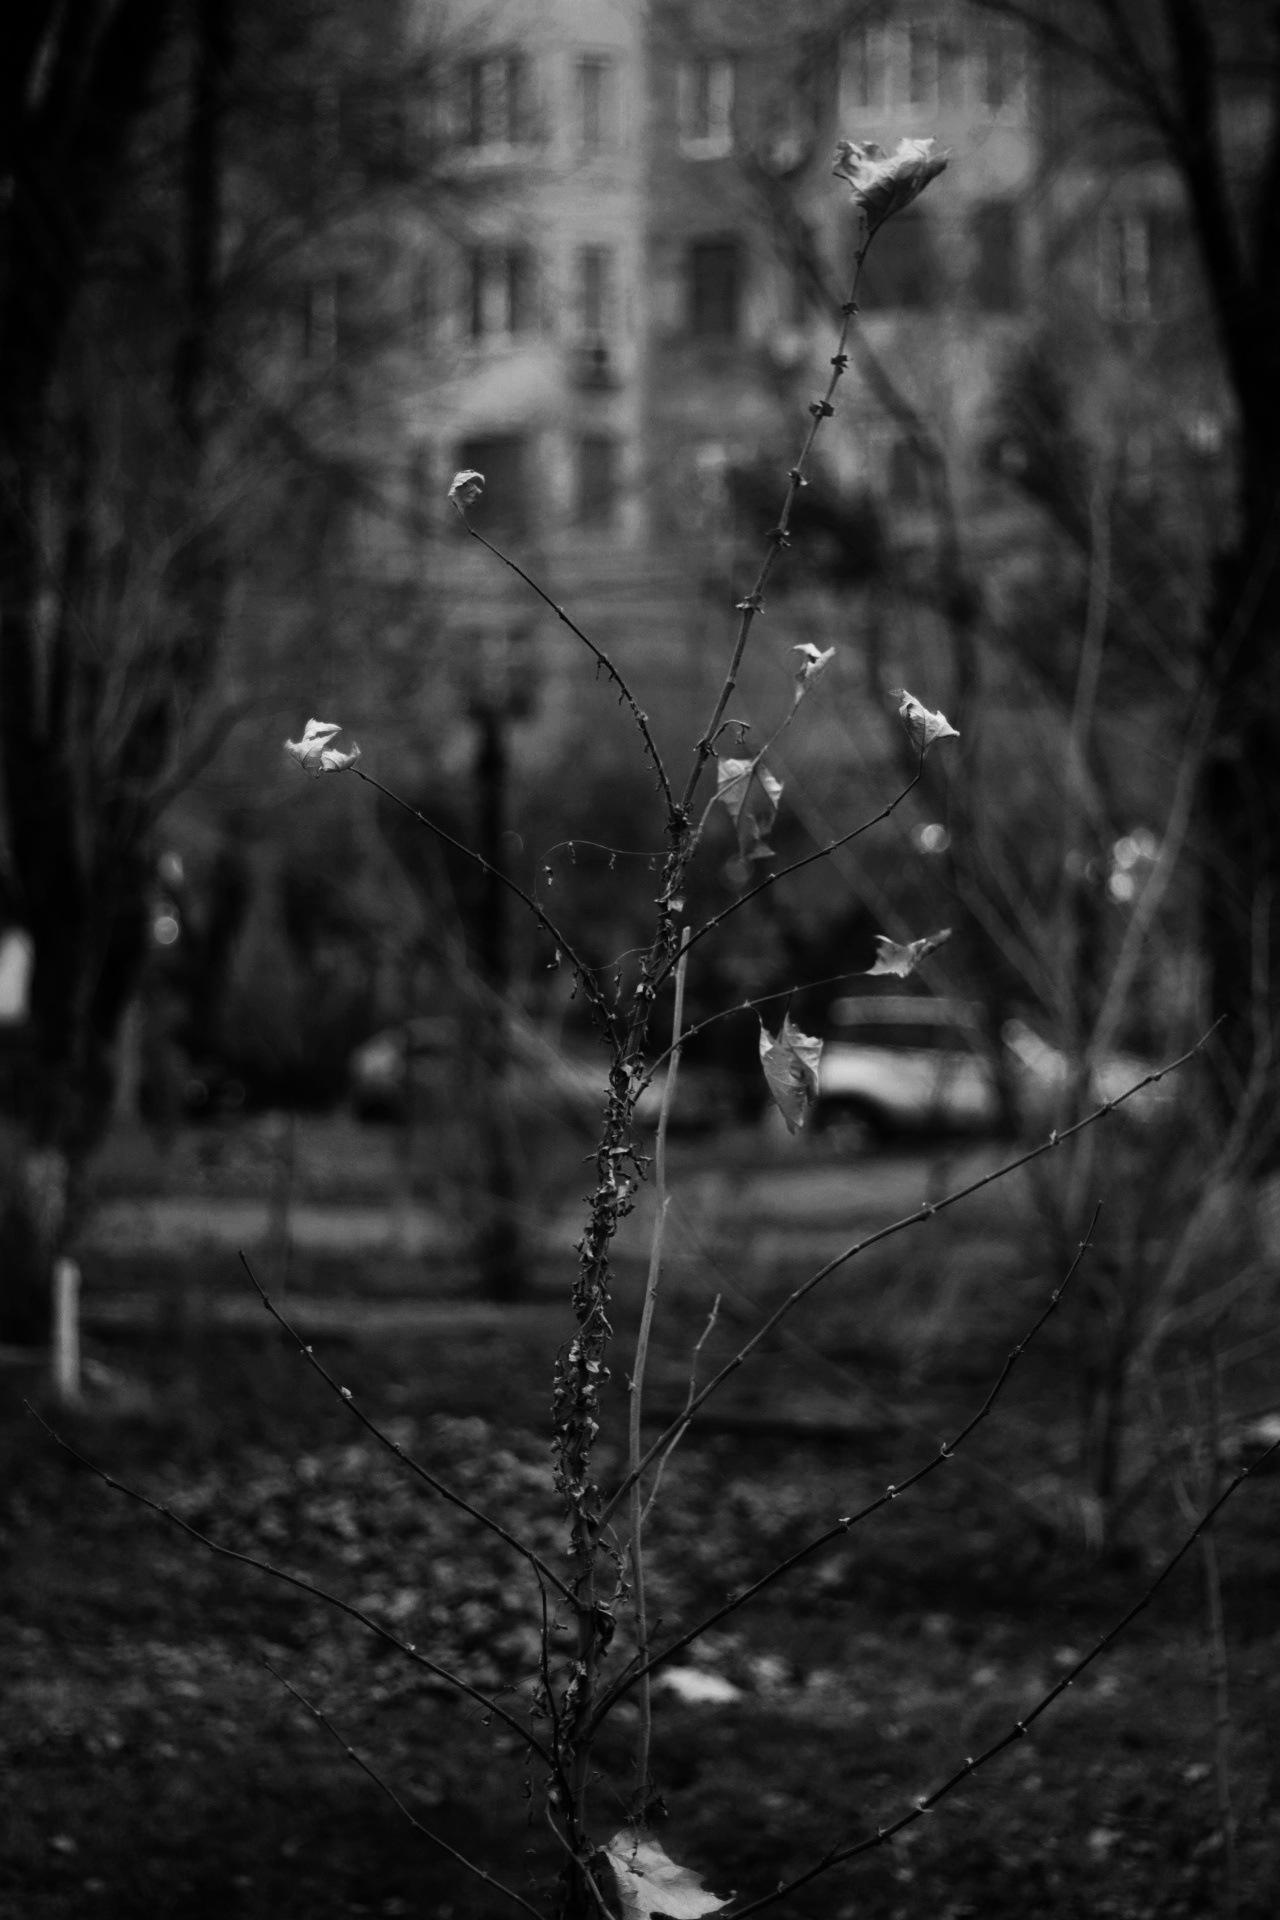 Life by Trdat Shiroyan